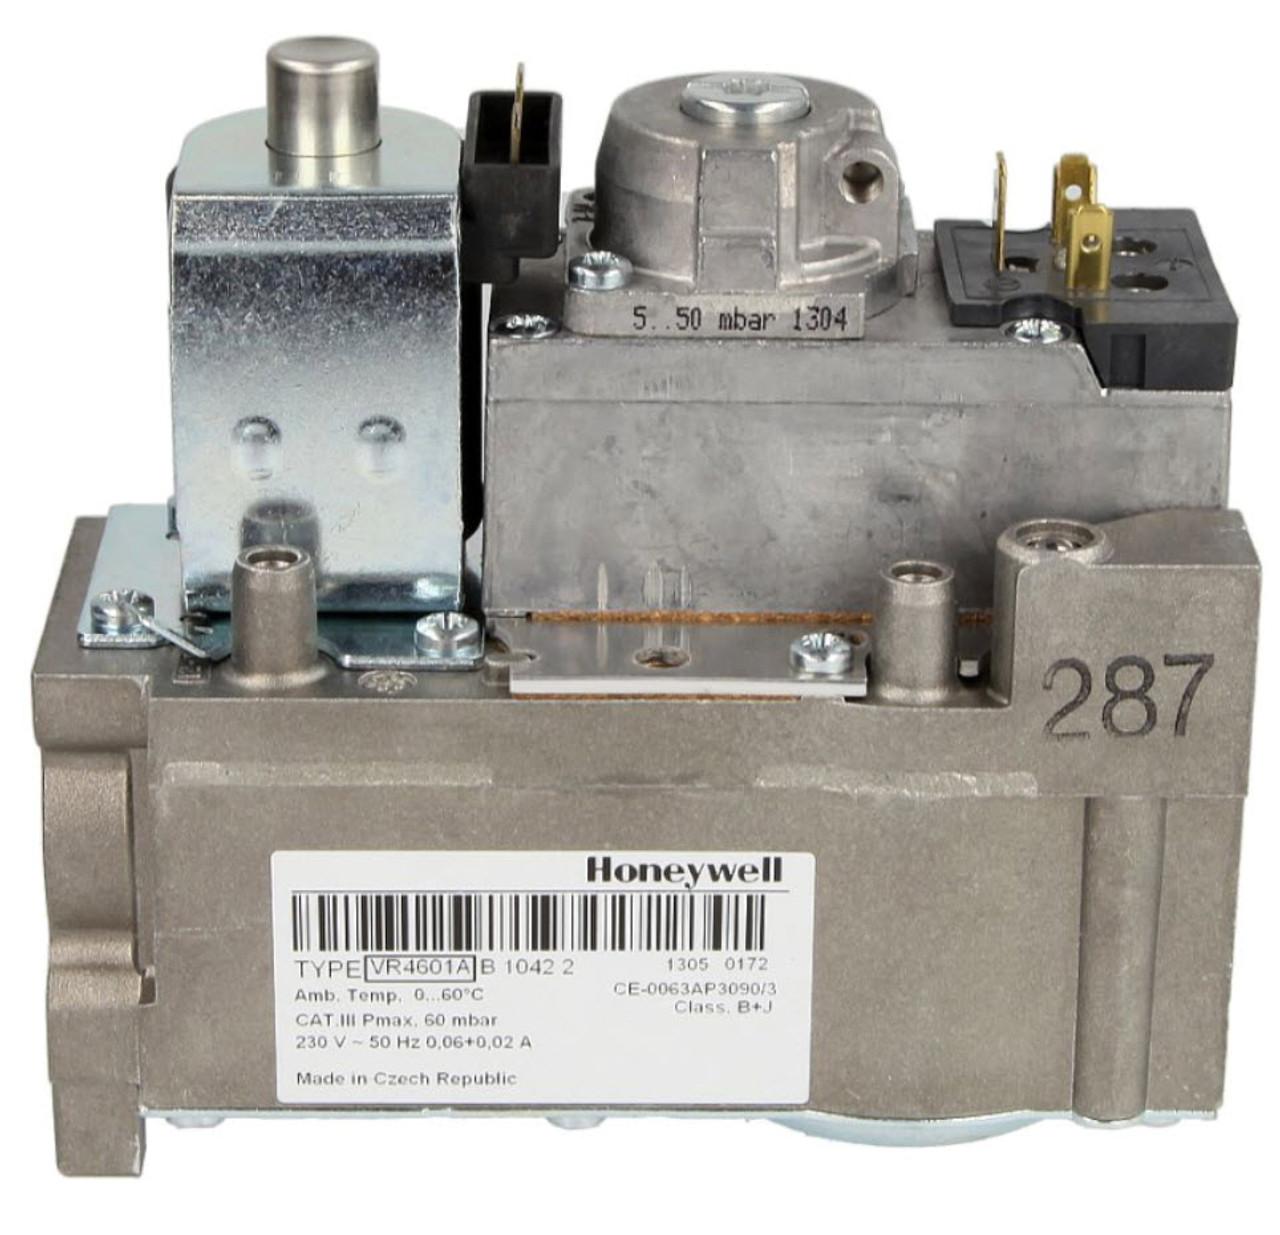 Honeywell Gas control block 240V 50Hz VR4601AB1042U